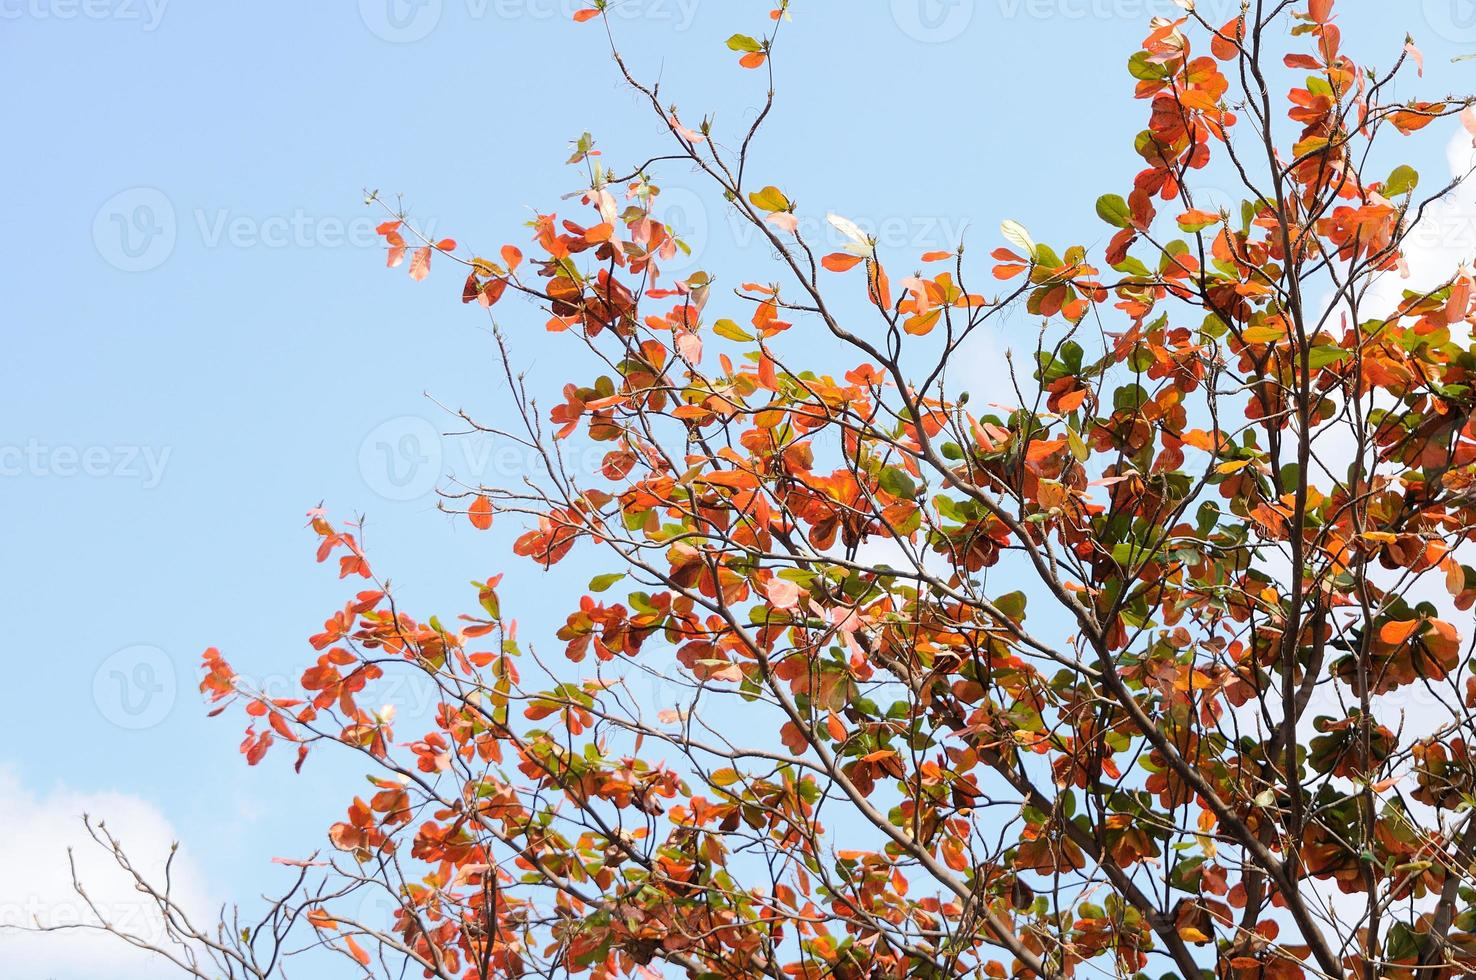 rode kleur bladeren met blauwe lucht foto